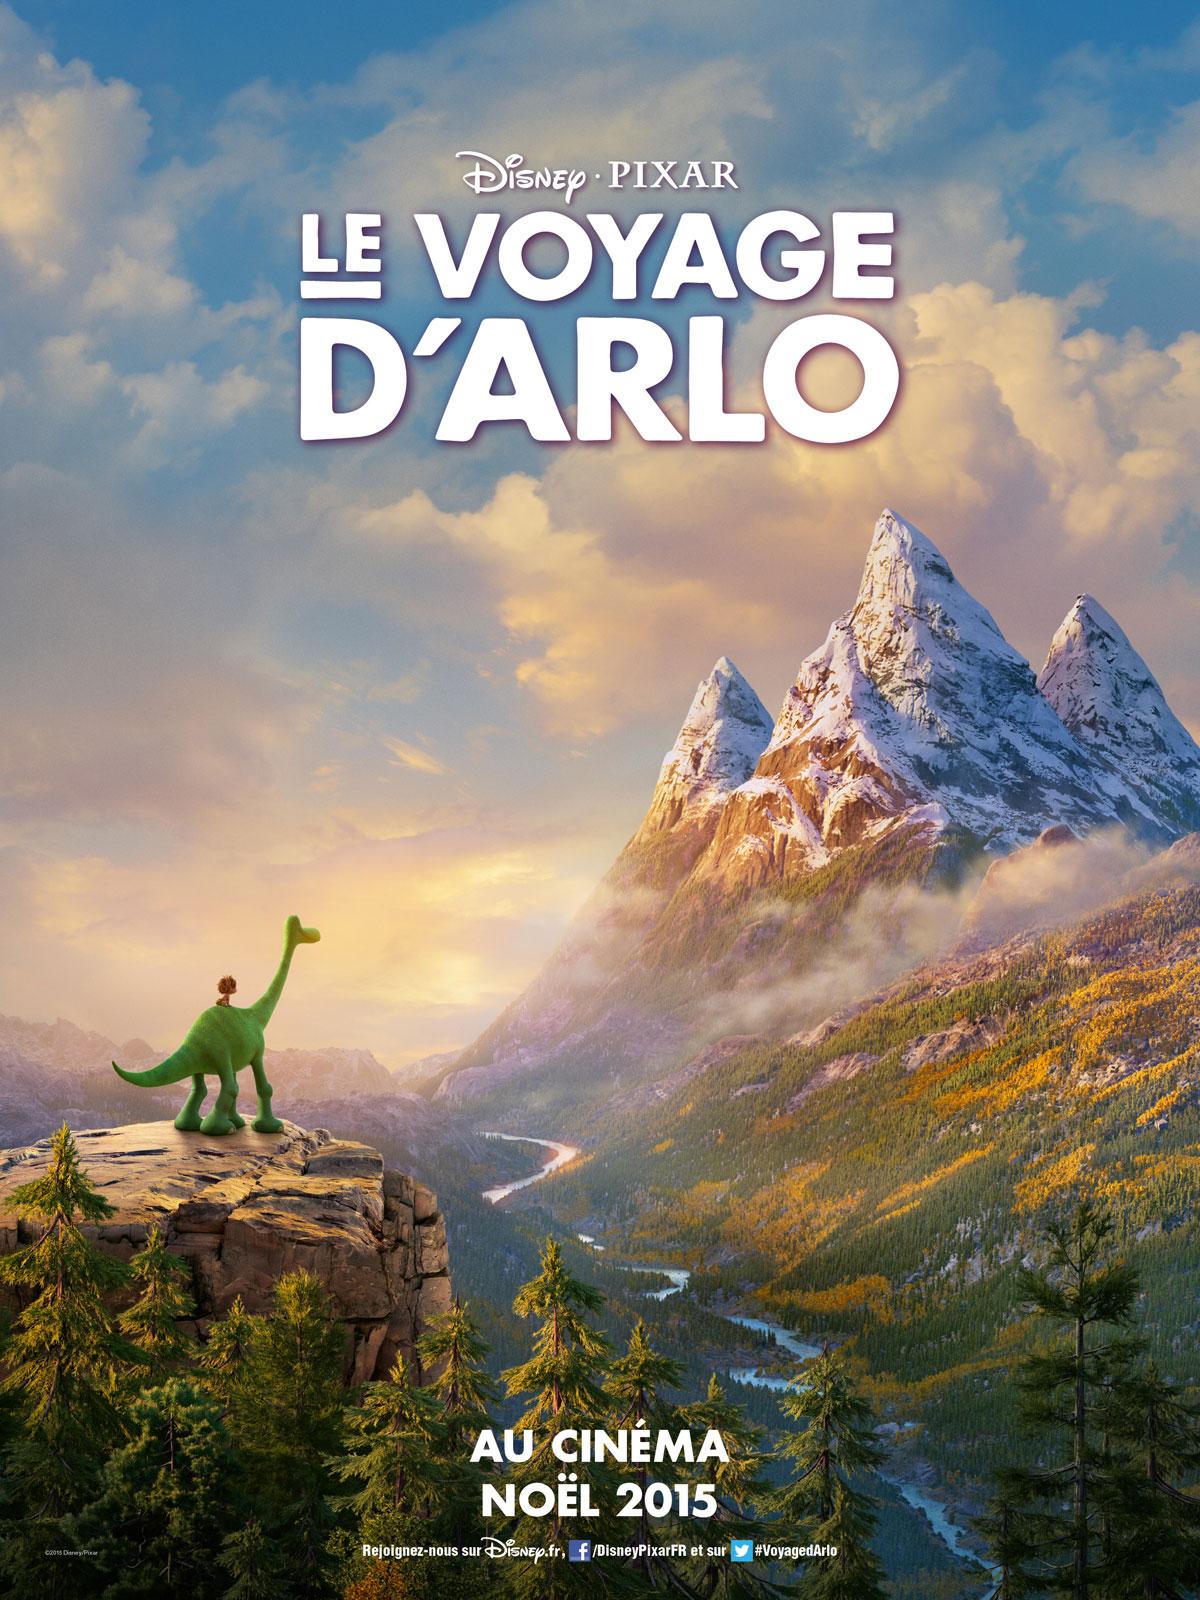 LeVoyageDarlo-Affiche-Pixar